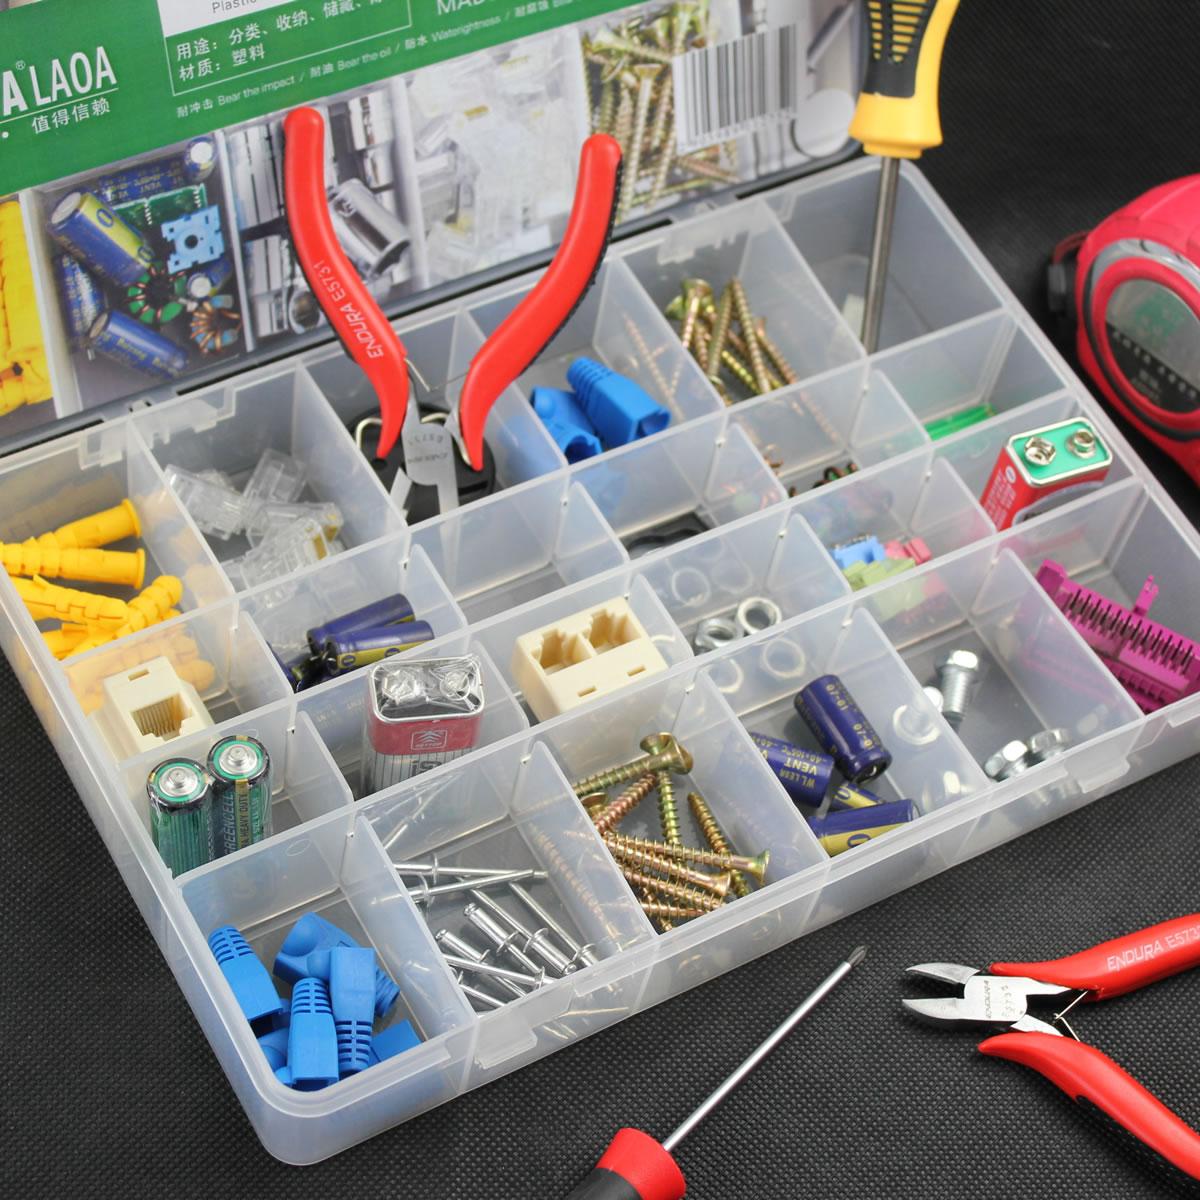 Daugiafunkcinis 24 langelių plastikinių elementų dėžutė La911275 dėžutė, kurioje yra dėžutė 272 * 185 * 43mm